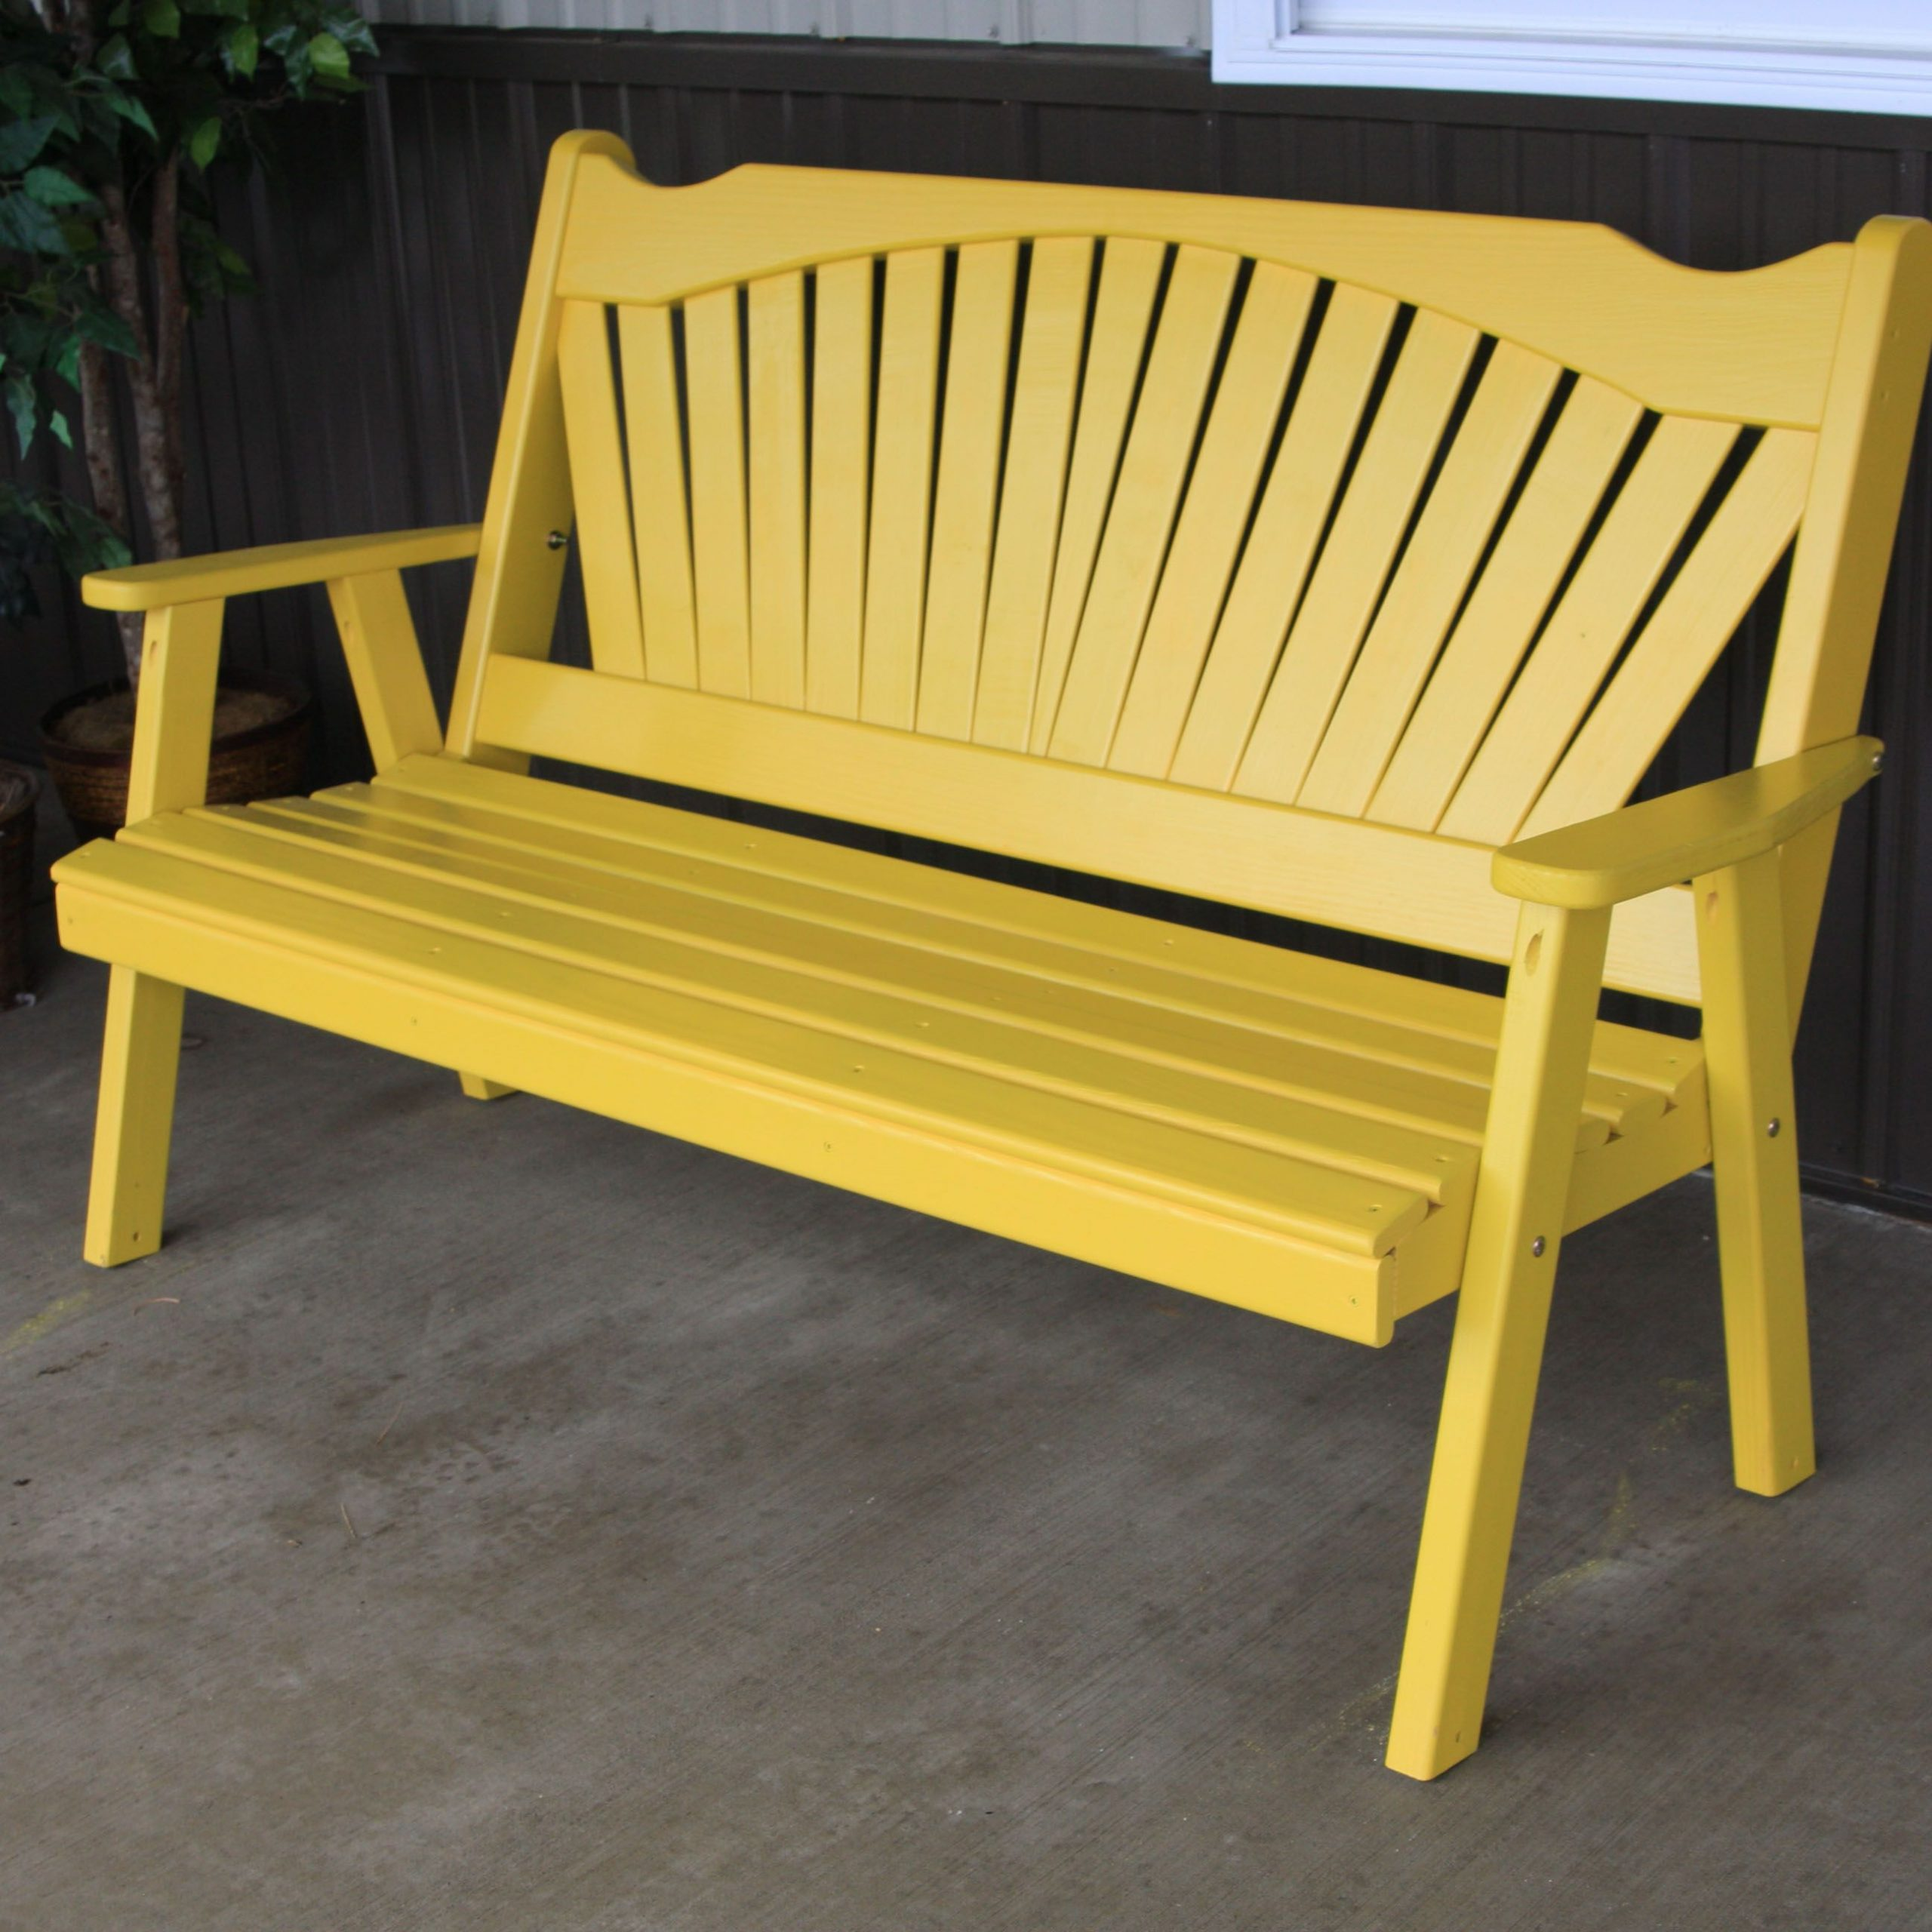 Garden Bench, Outdoor Deck With Skoog Chevron Wooden Storage Benches (View 22 of 30)